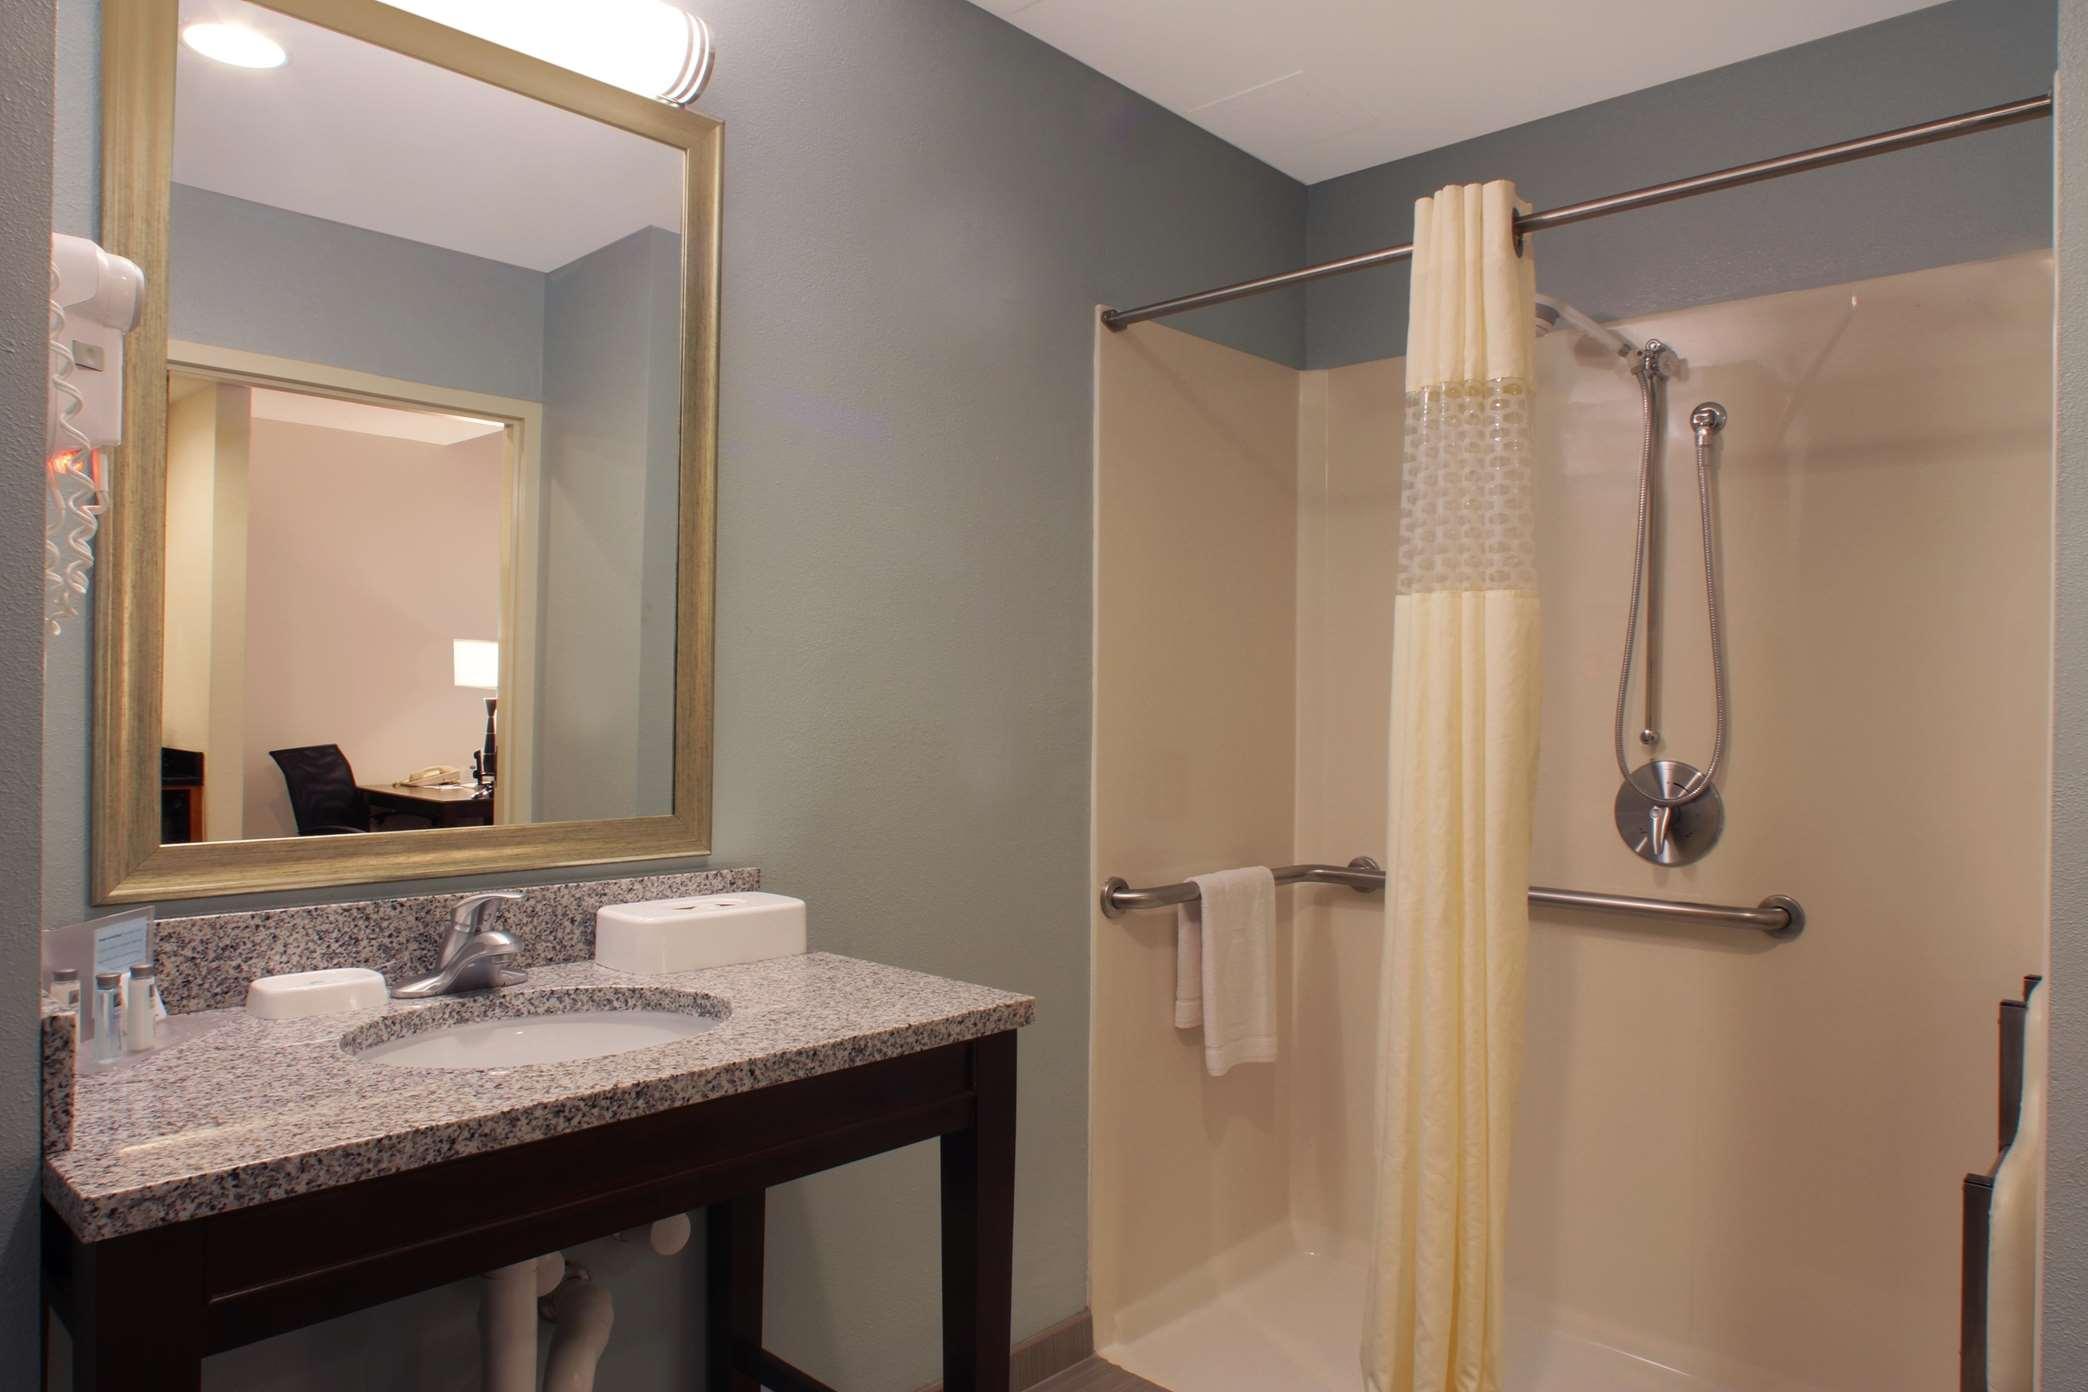 Hampton Inn & Suites Port St. Lucie, West image 17